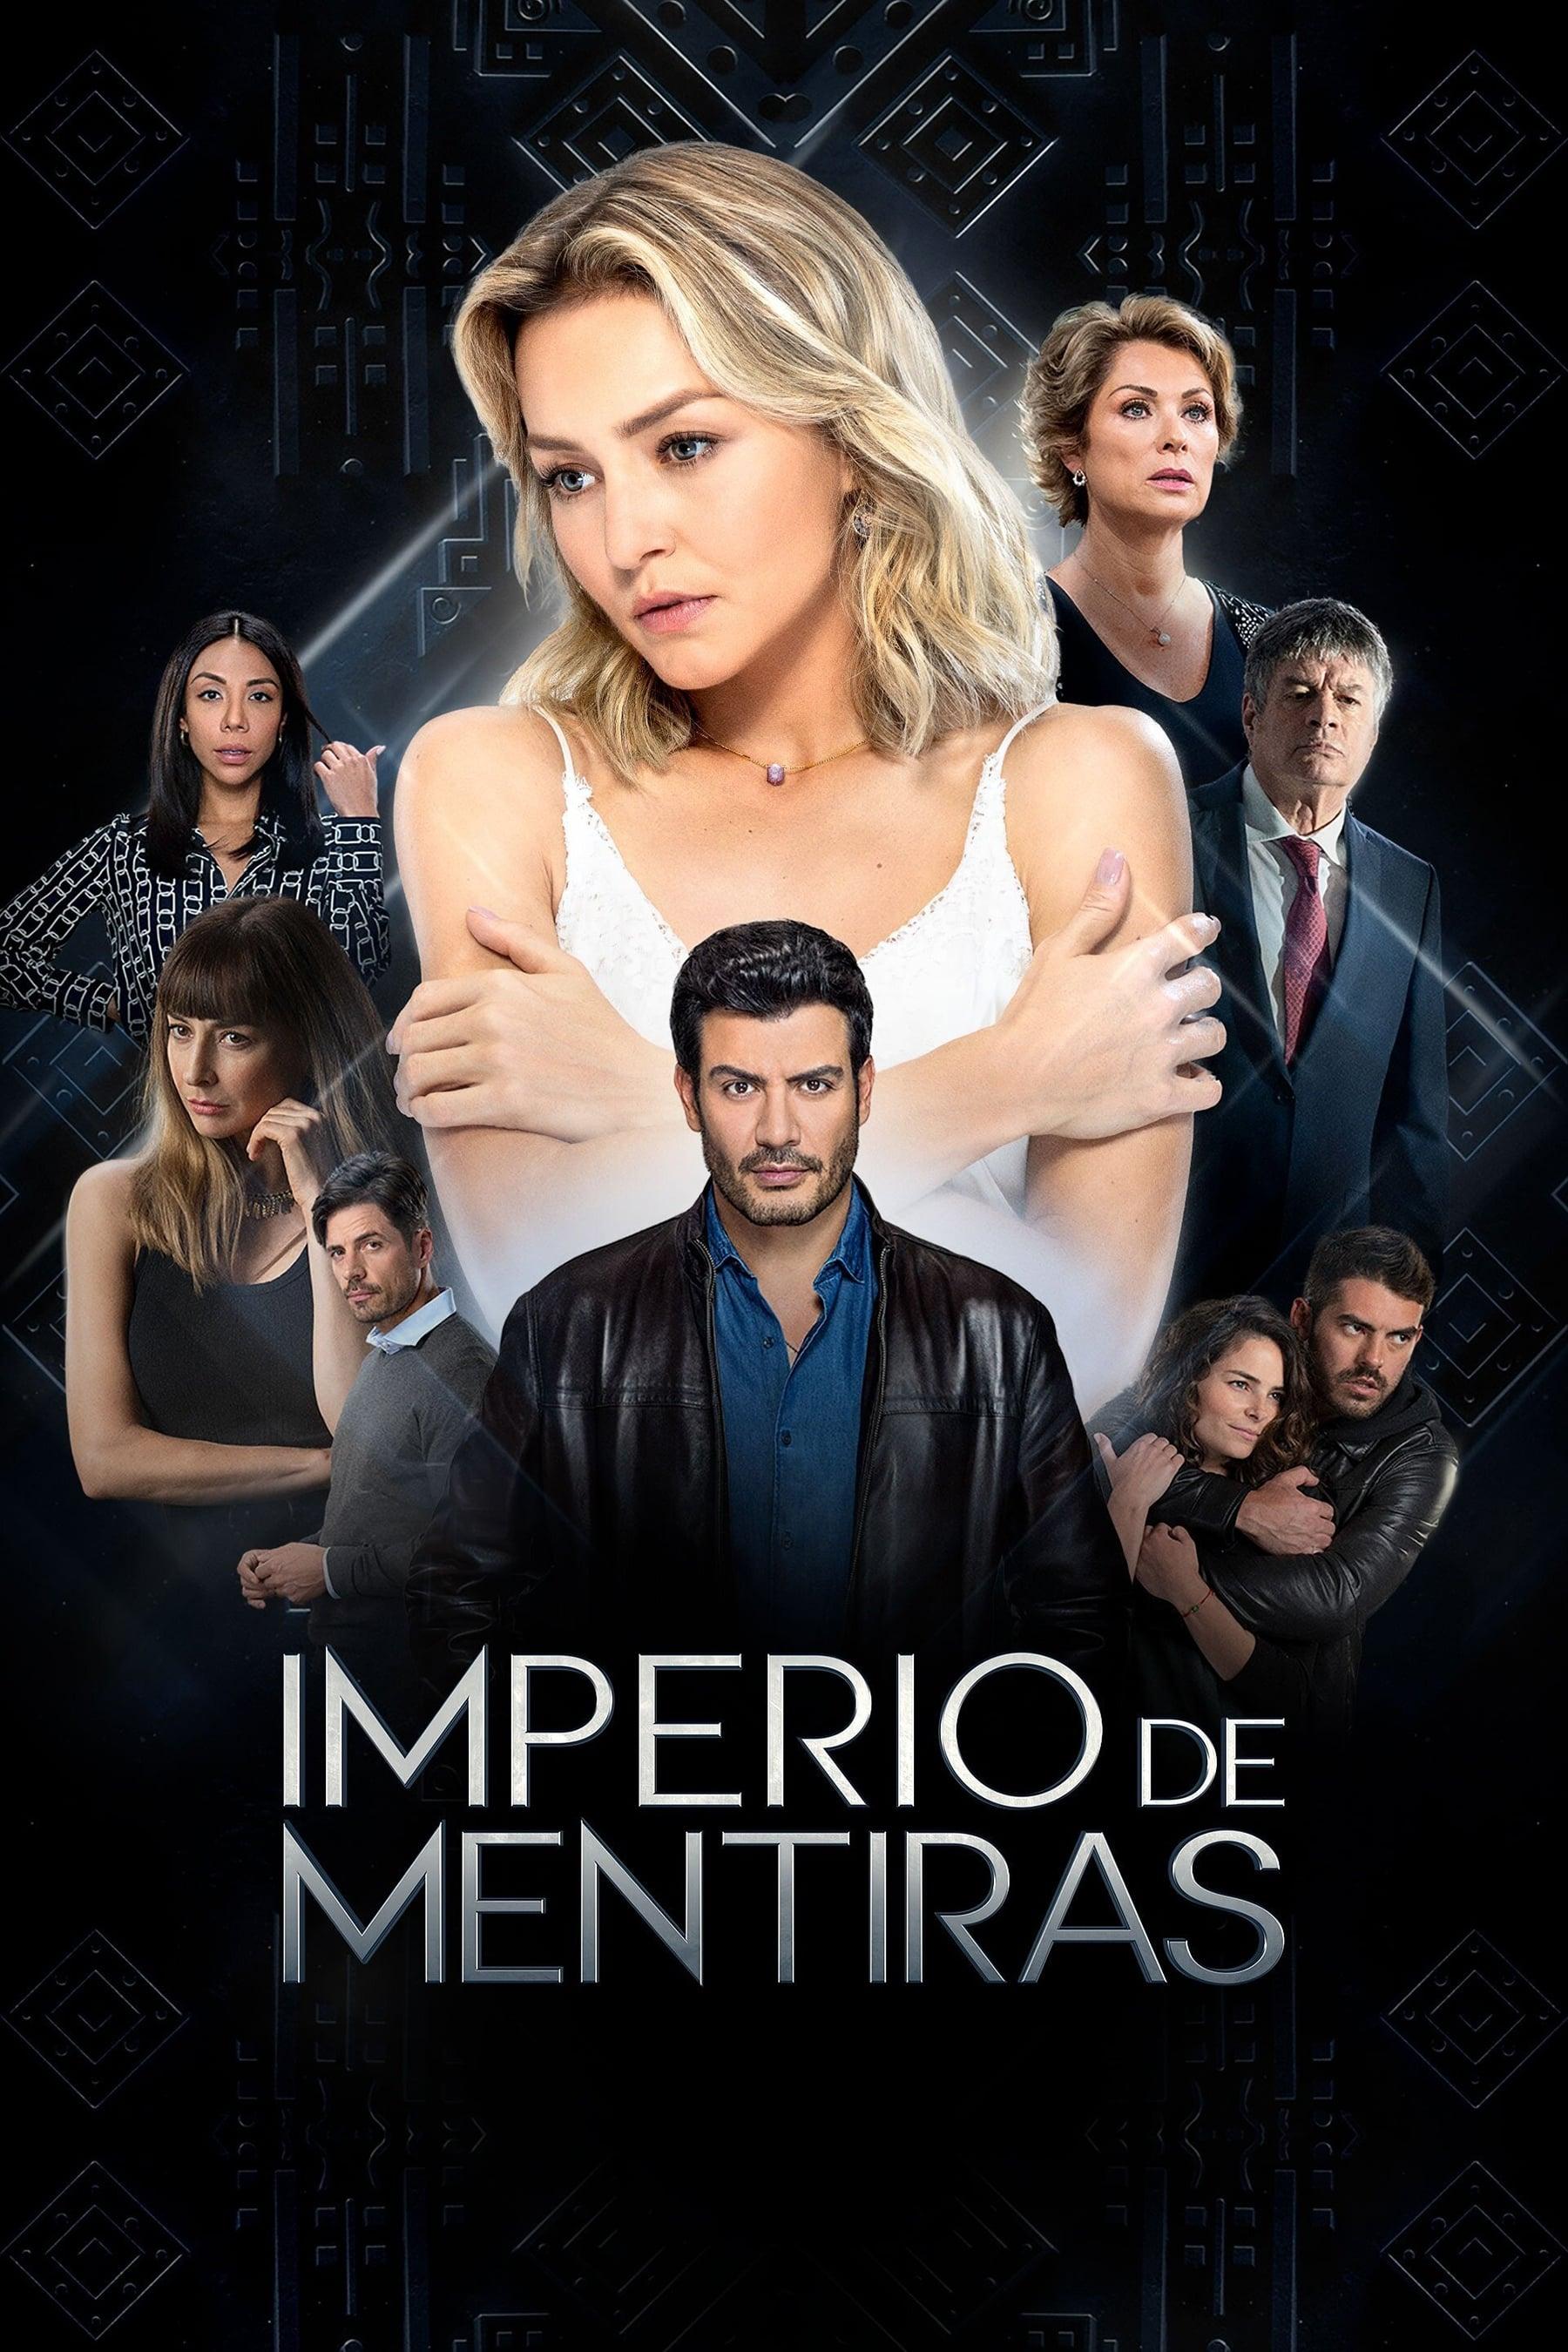 Imperio De Mentiras poster